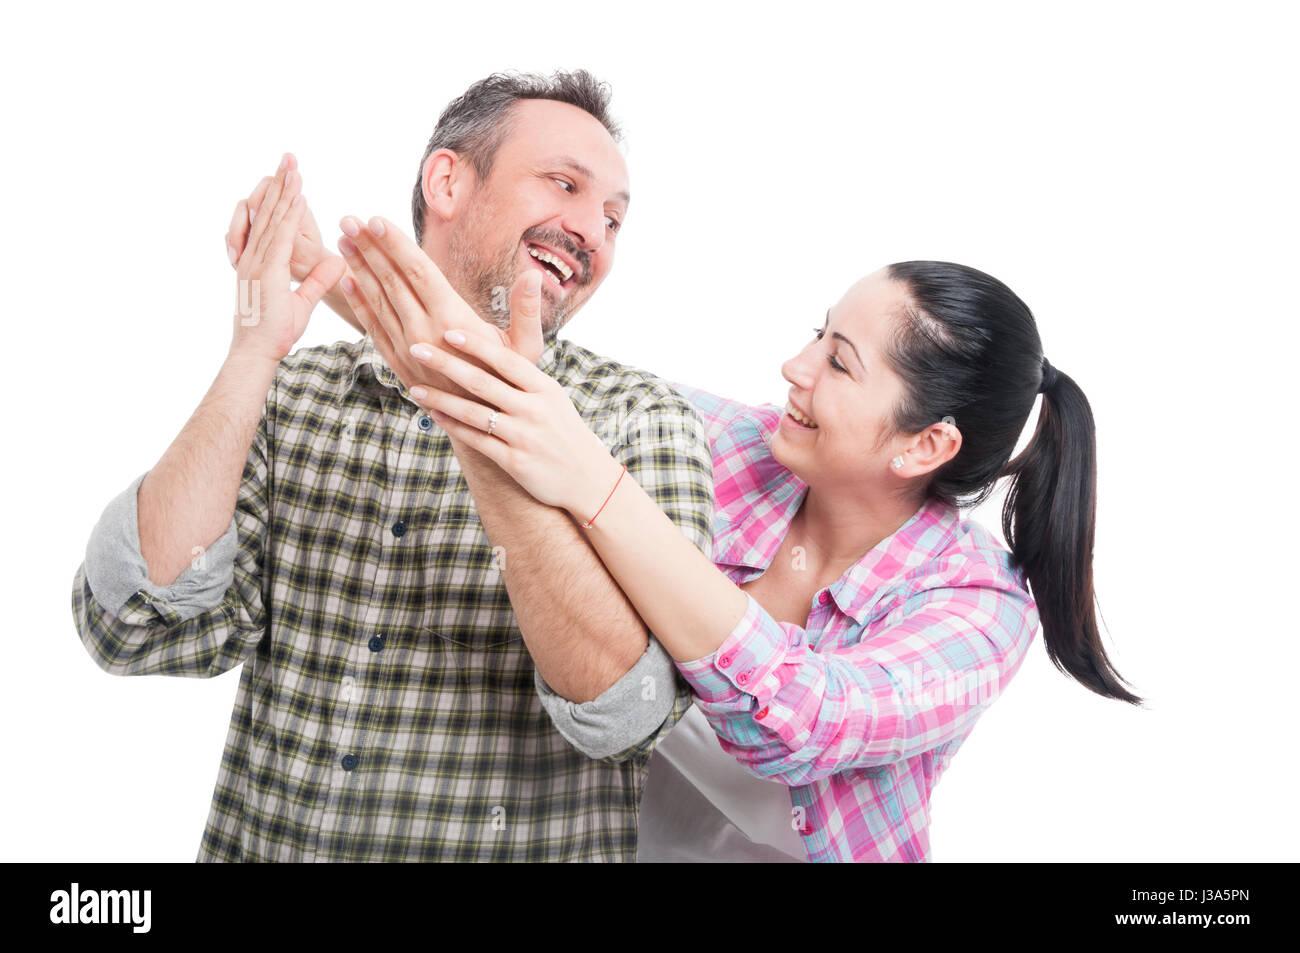 Encantadoras mujeres sorprendente su guapo amante y sonriendo juntos sobre fondo blanco. Imagen De Stock